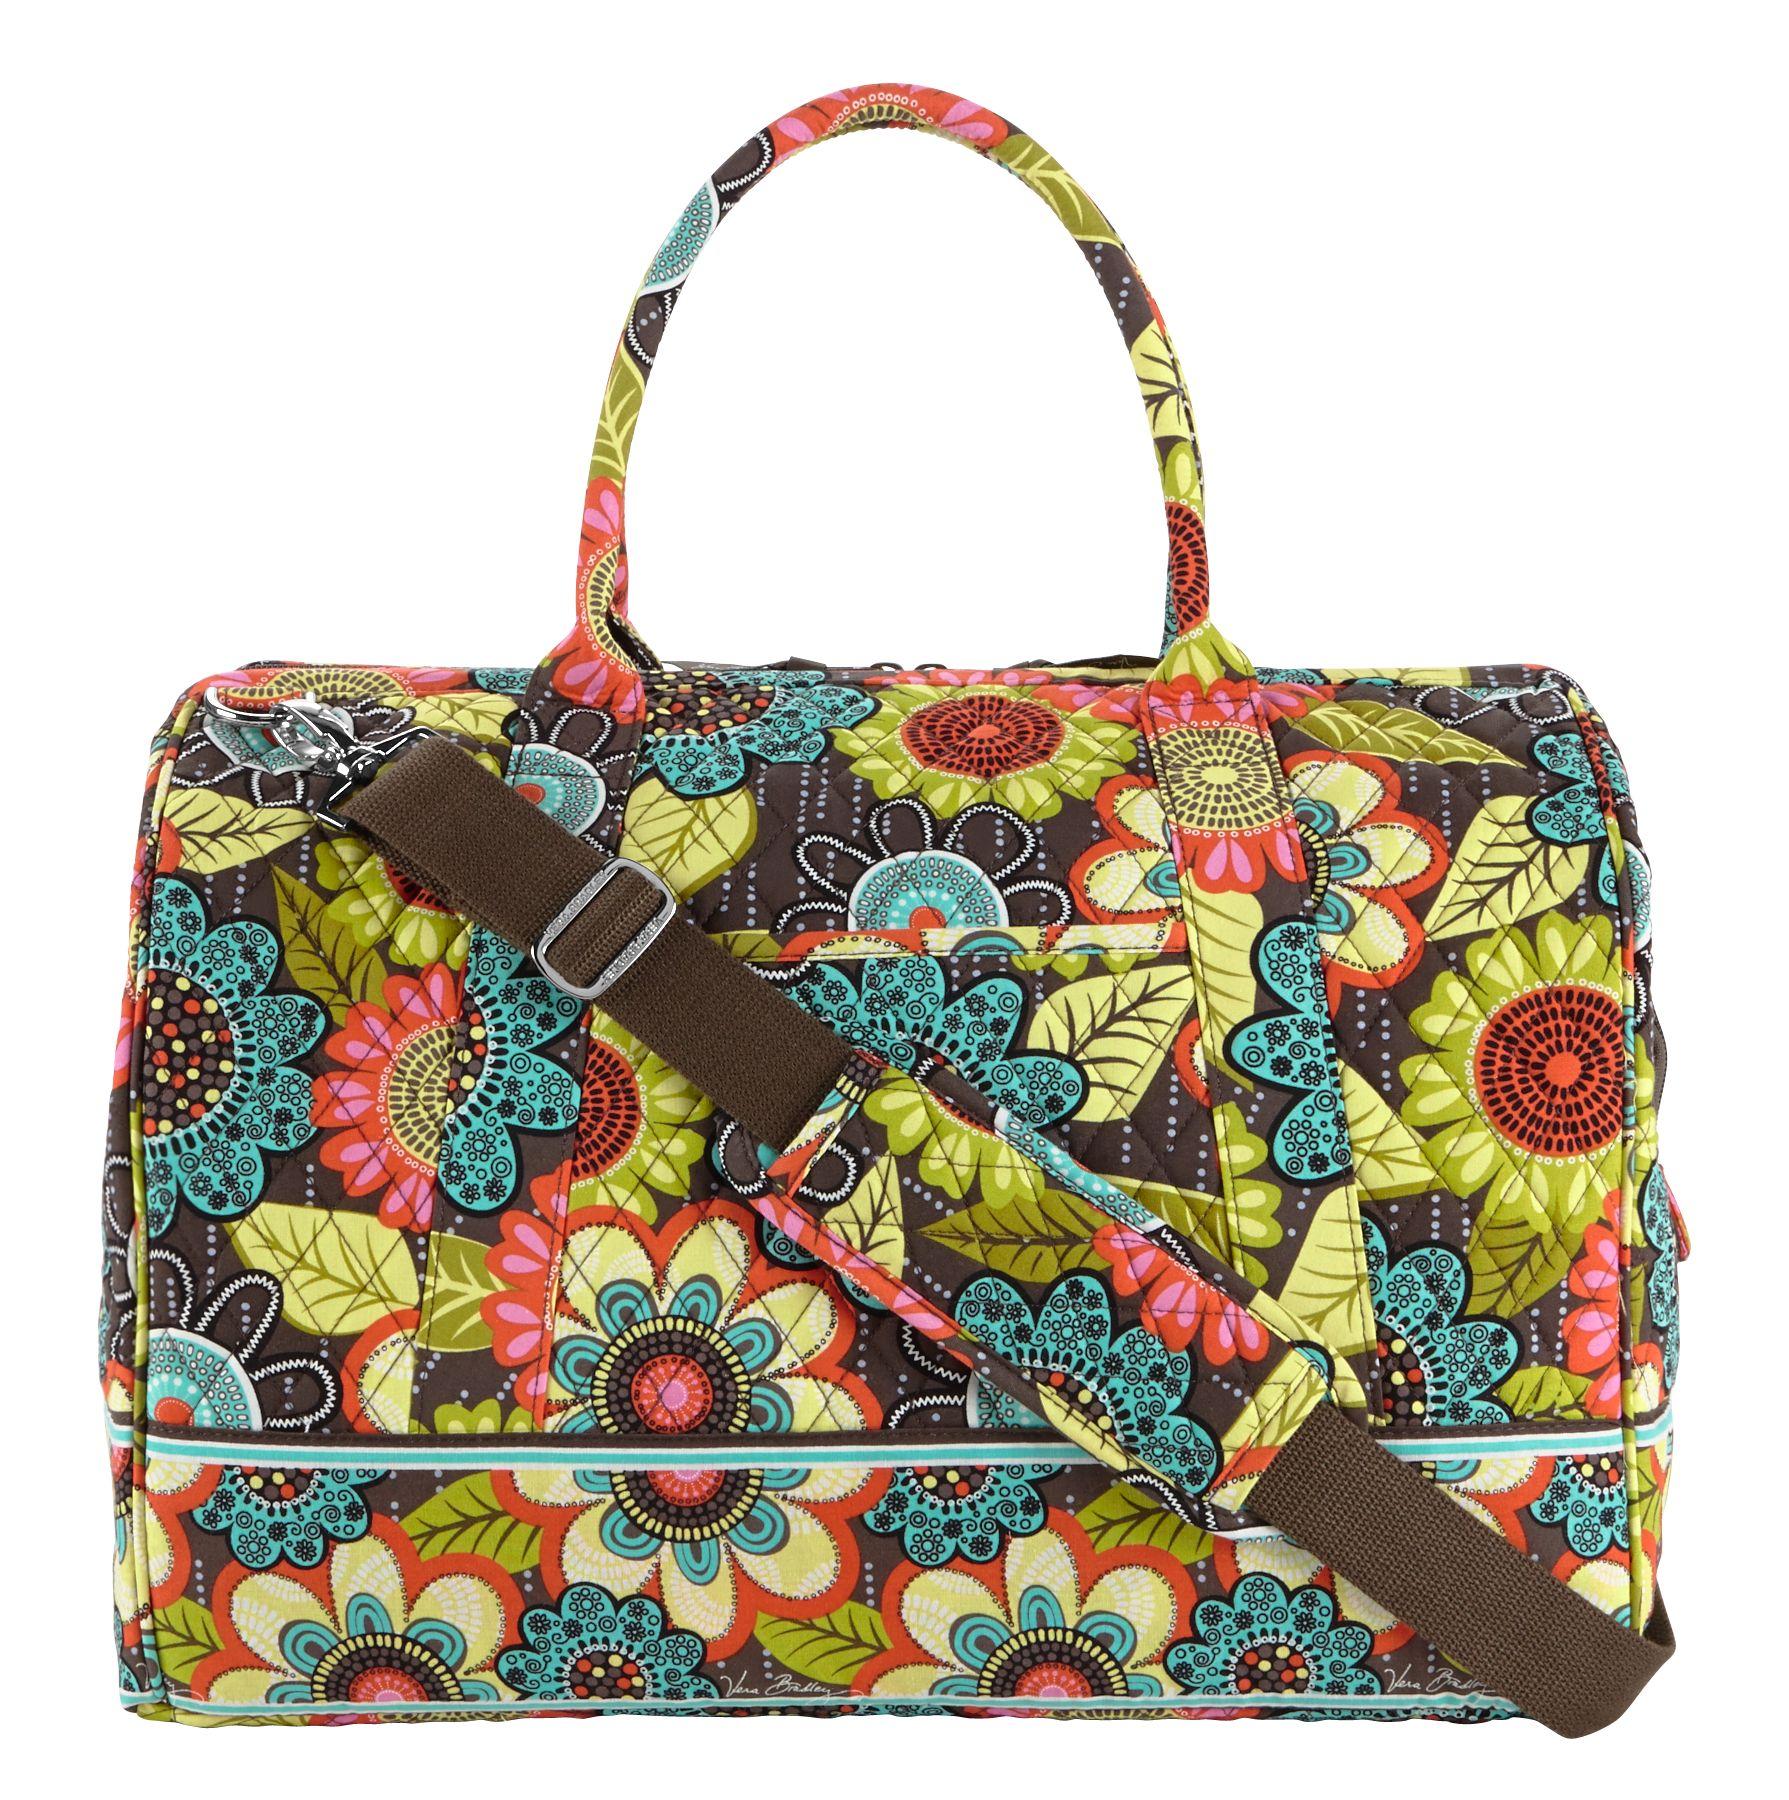 Vera Bradley Frame Travel Bag Canterberry Cobalt